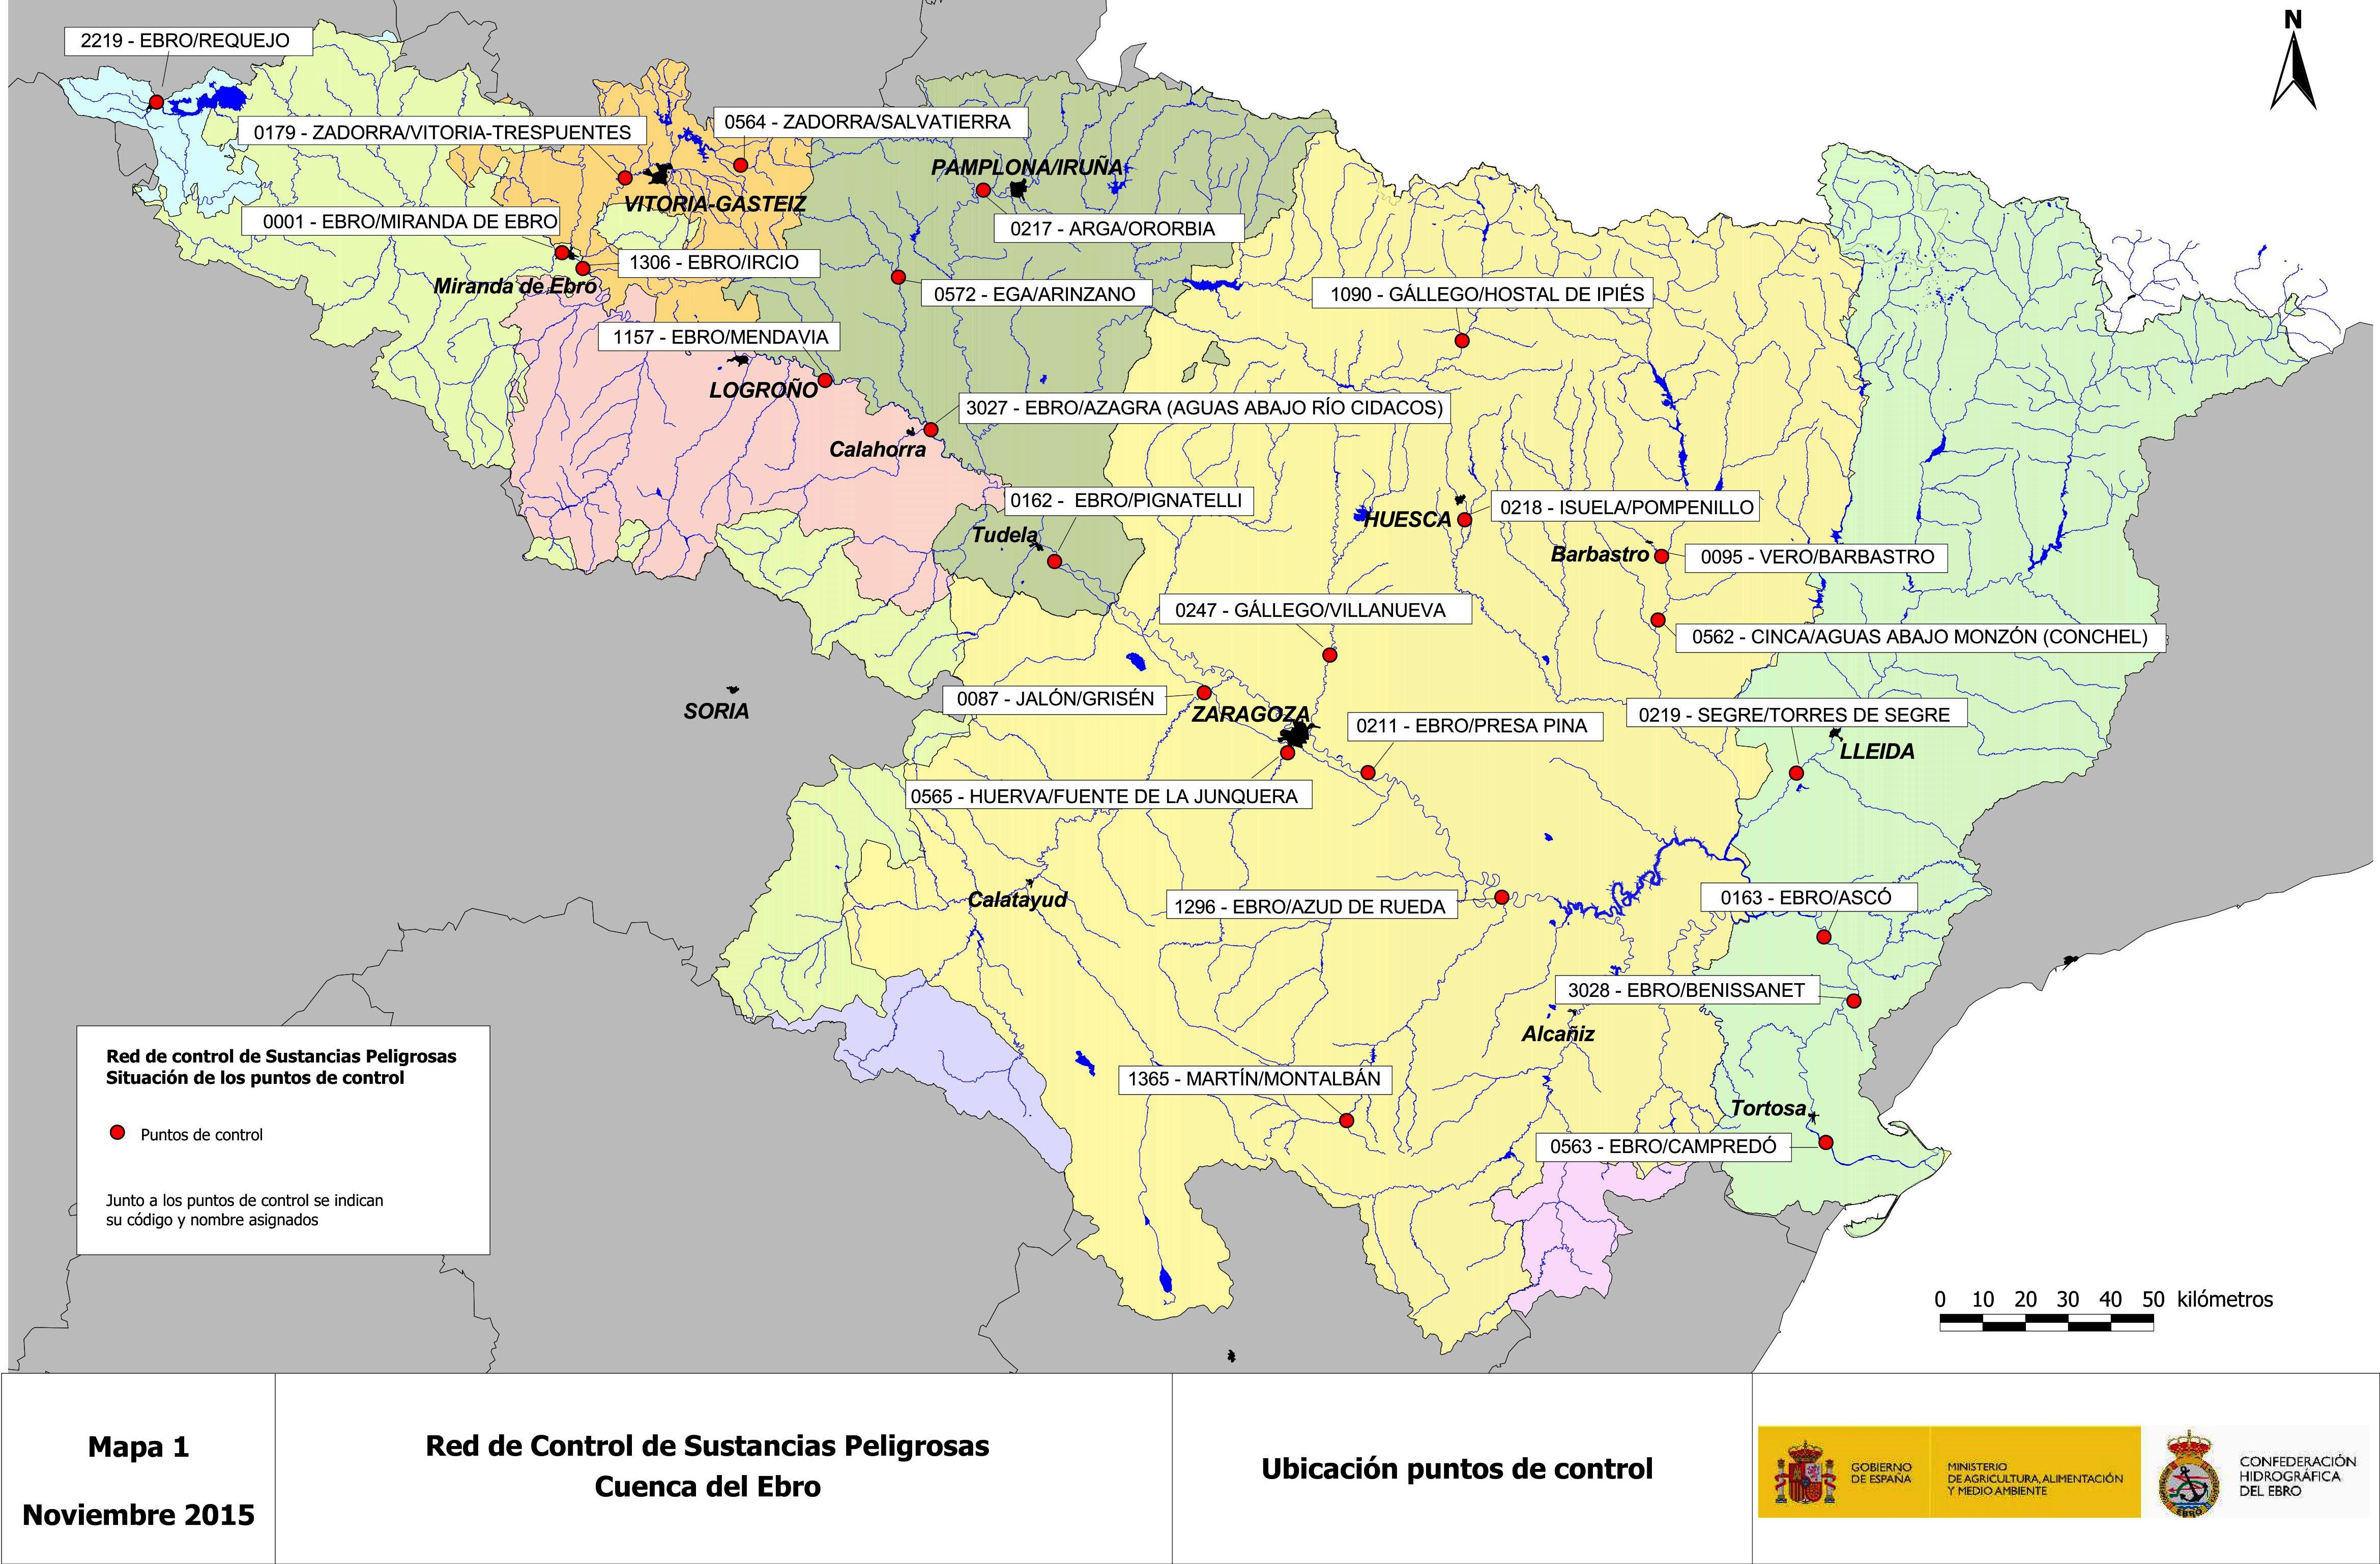 Mapa de la Red de Control de Sustancias Peligrosas